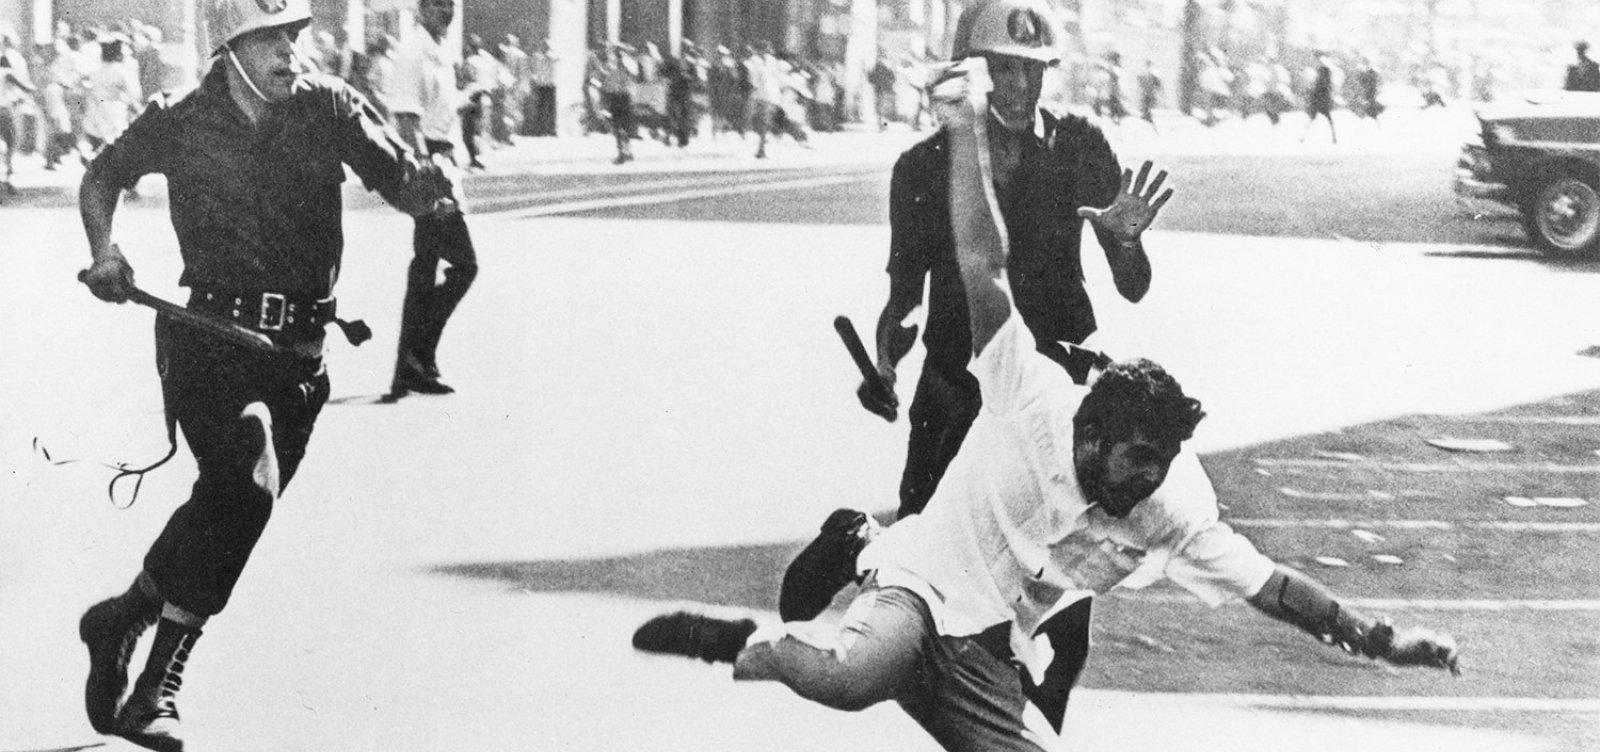 [Brasil diz à ONU que não houve golpe em 1964 e que ditadura afastou 'ameaça comunista']